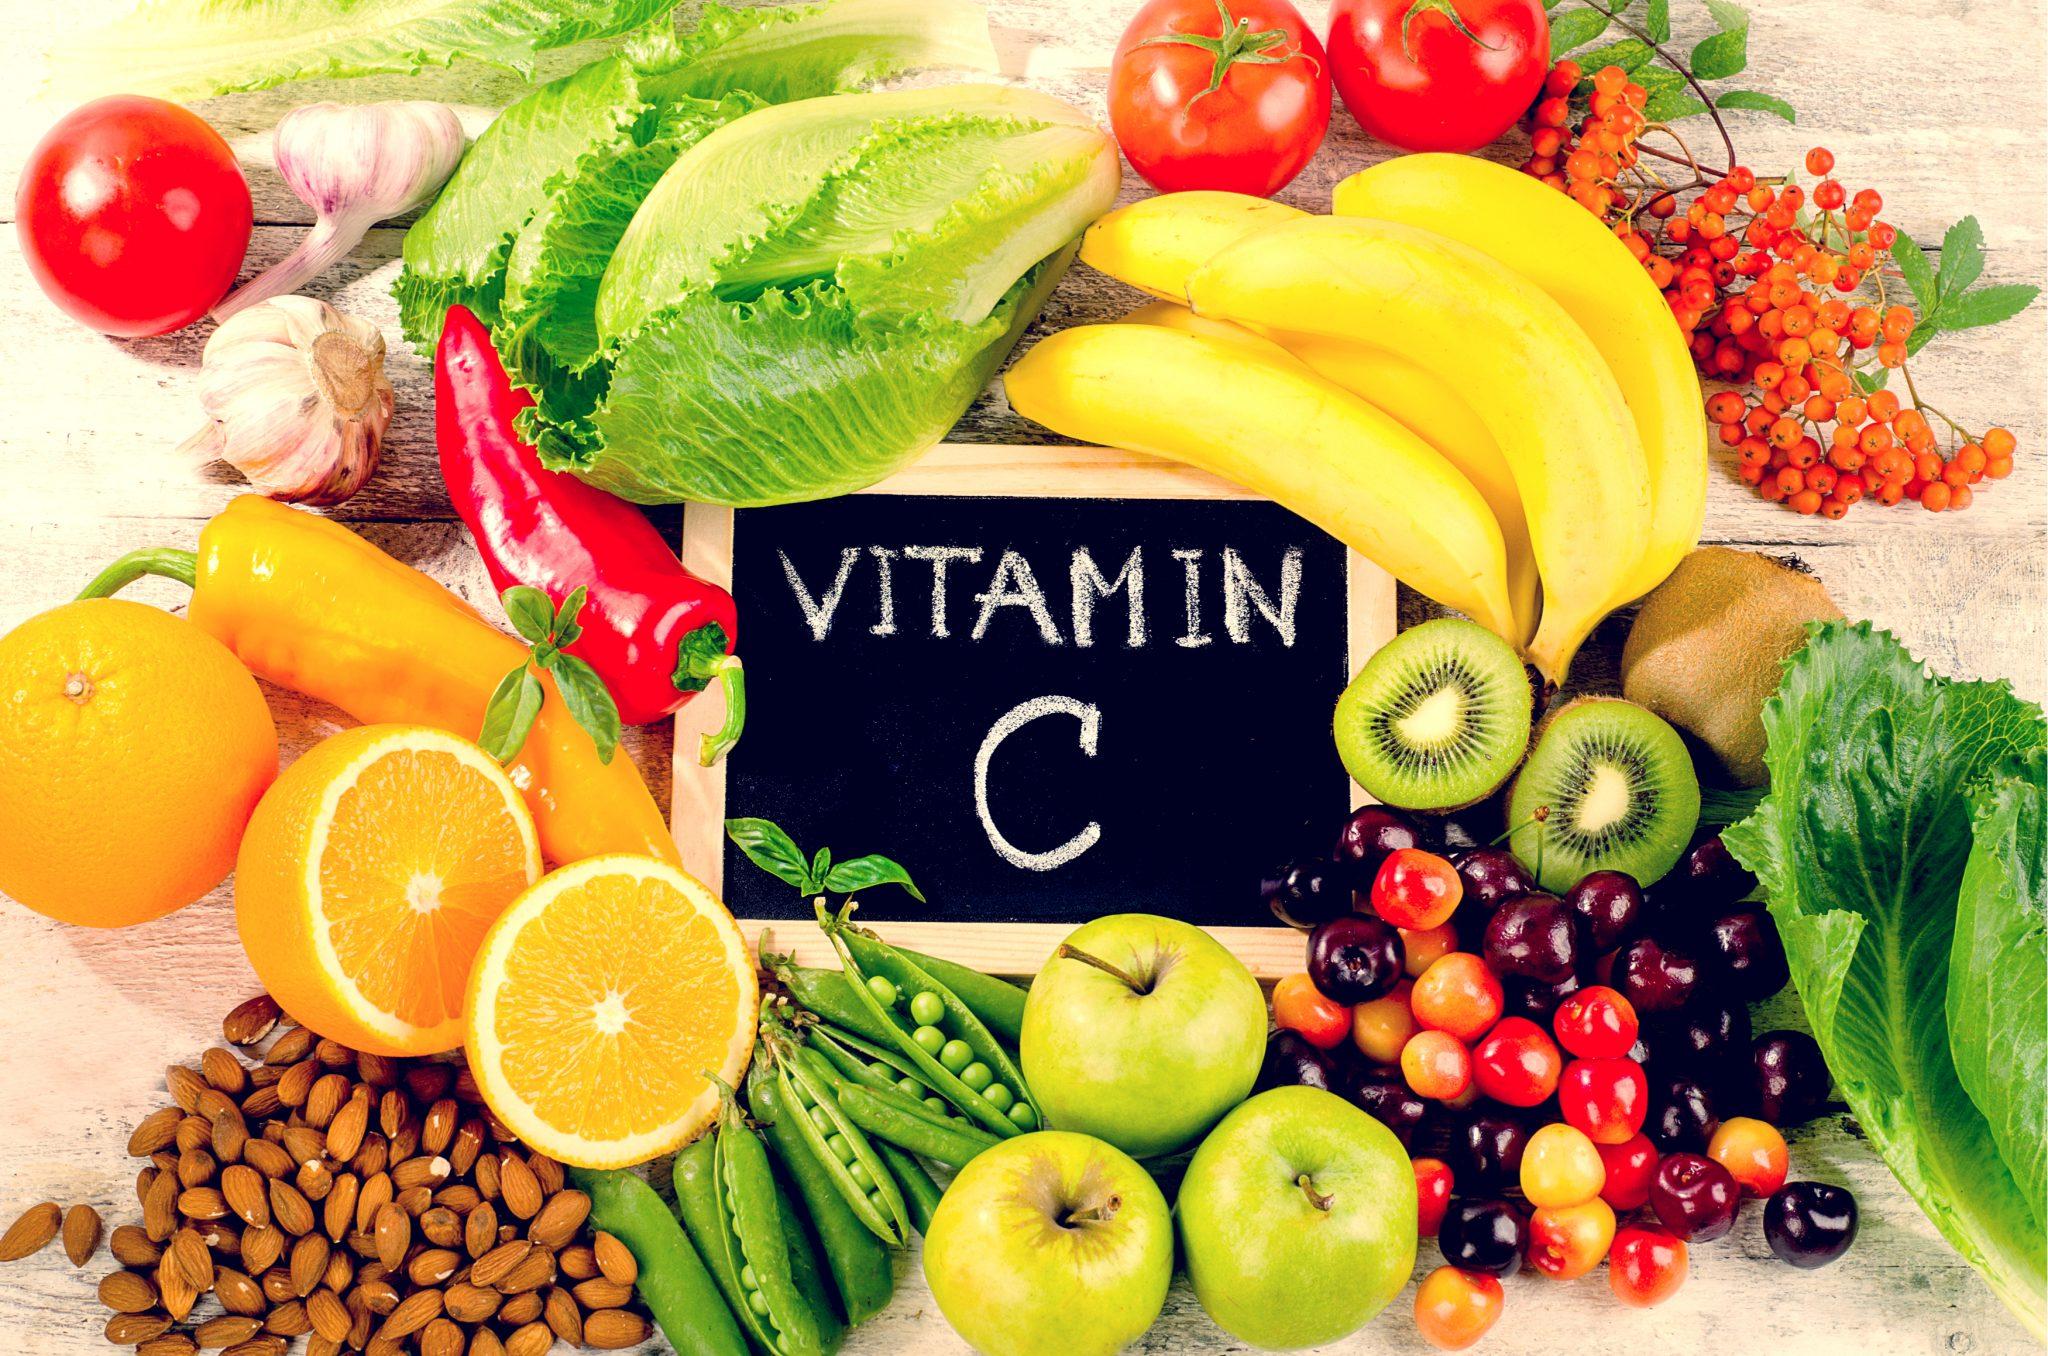 ビタミンCを多く含む食品一覧